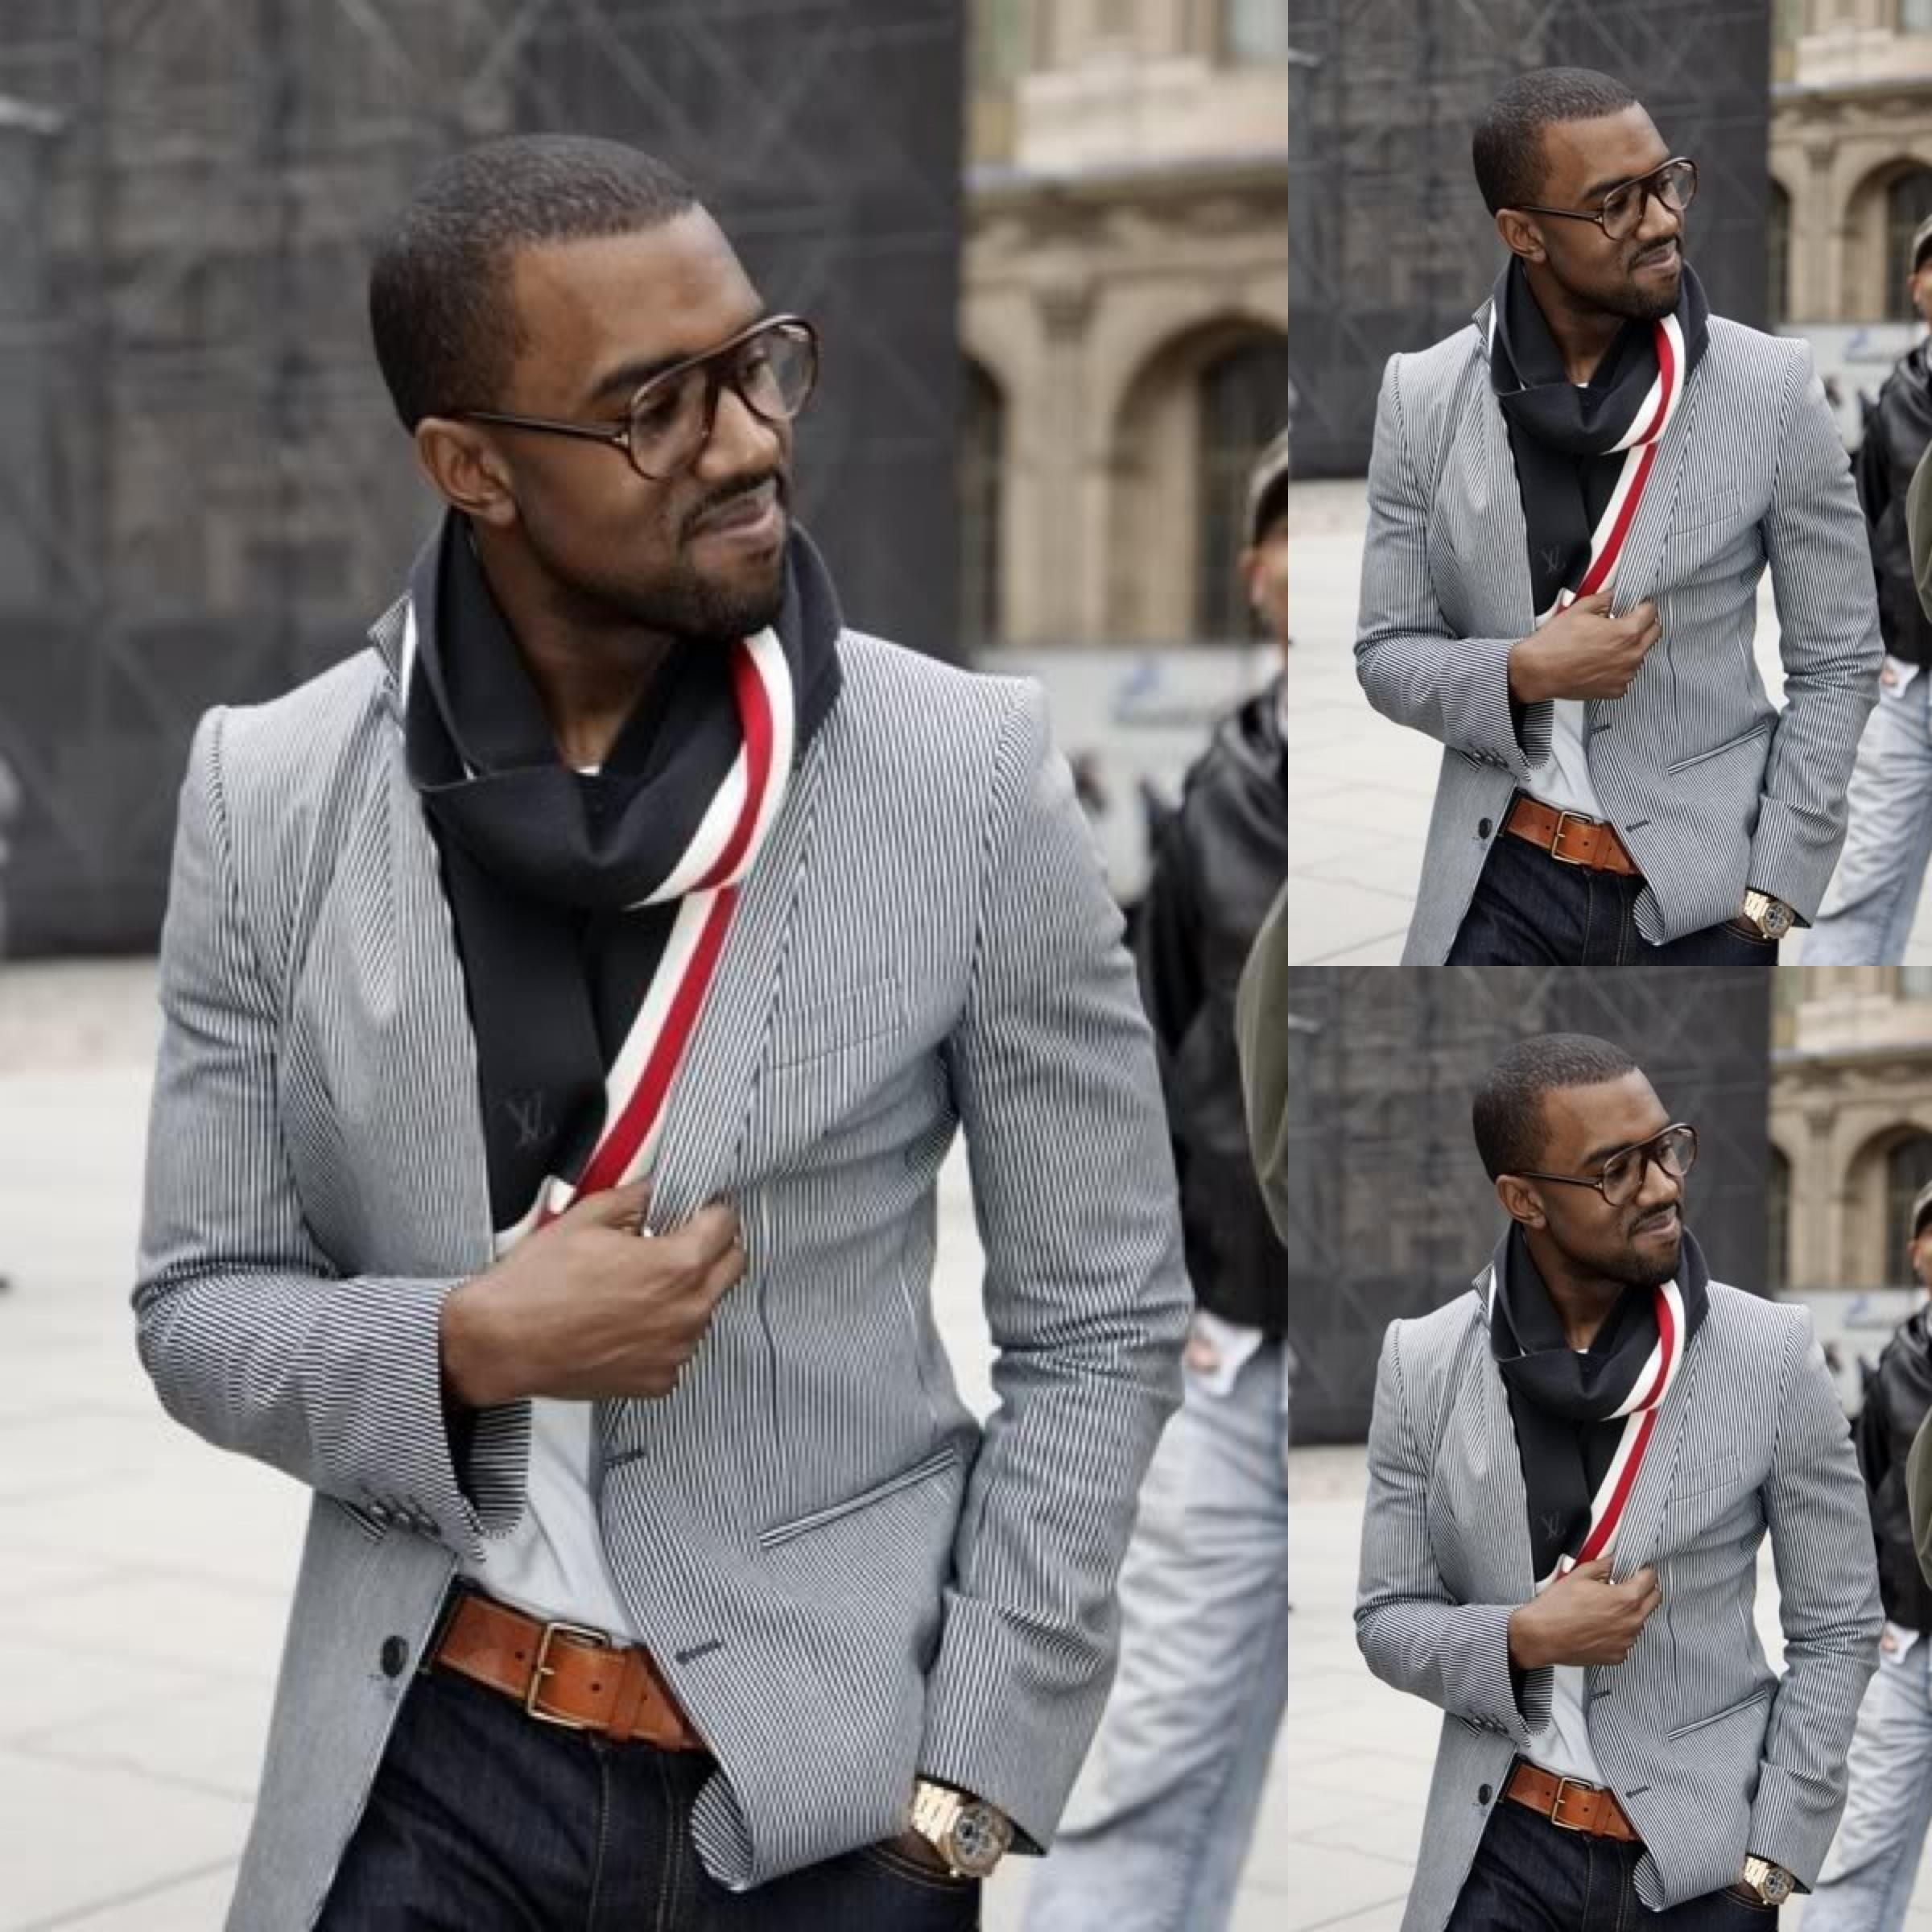 #3 - Kanye West